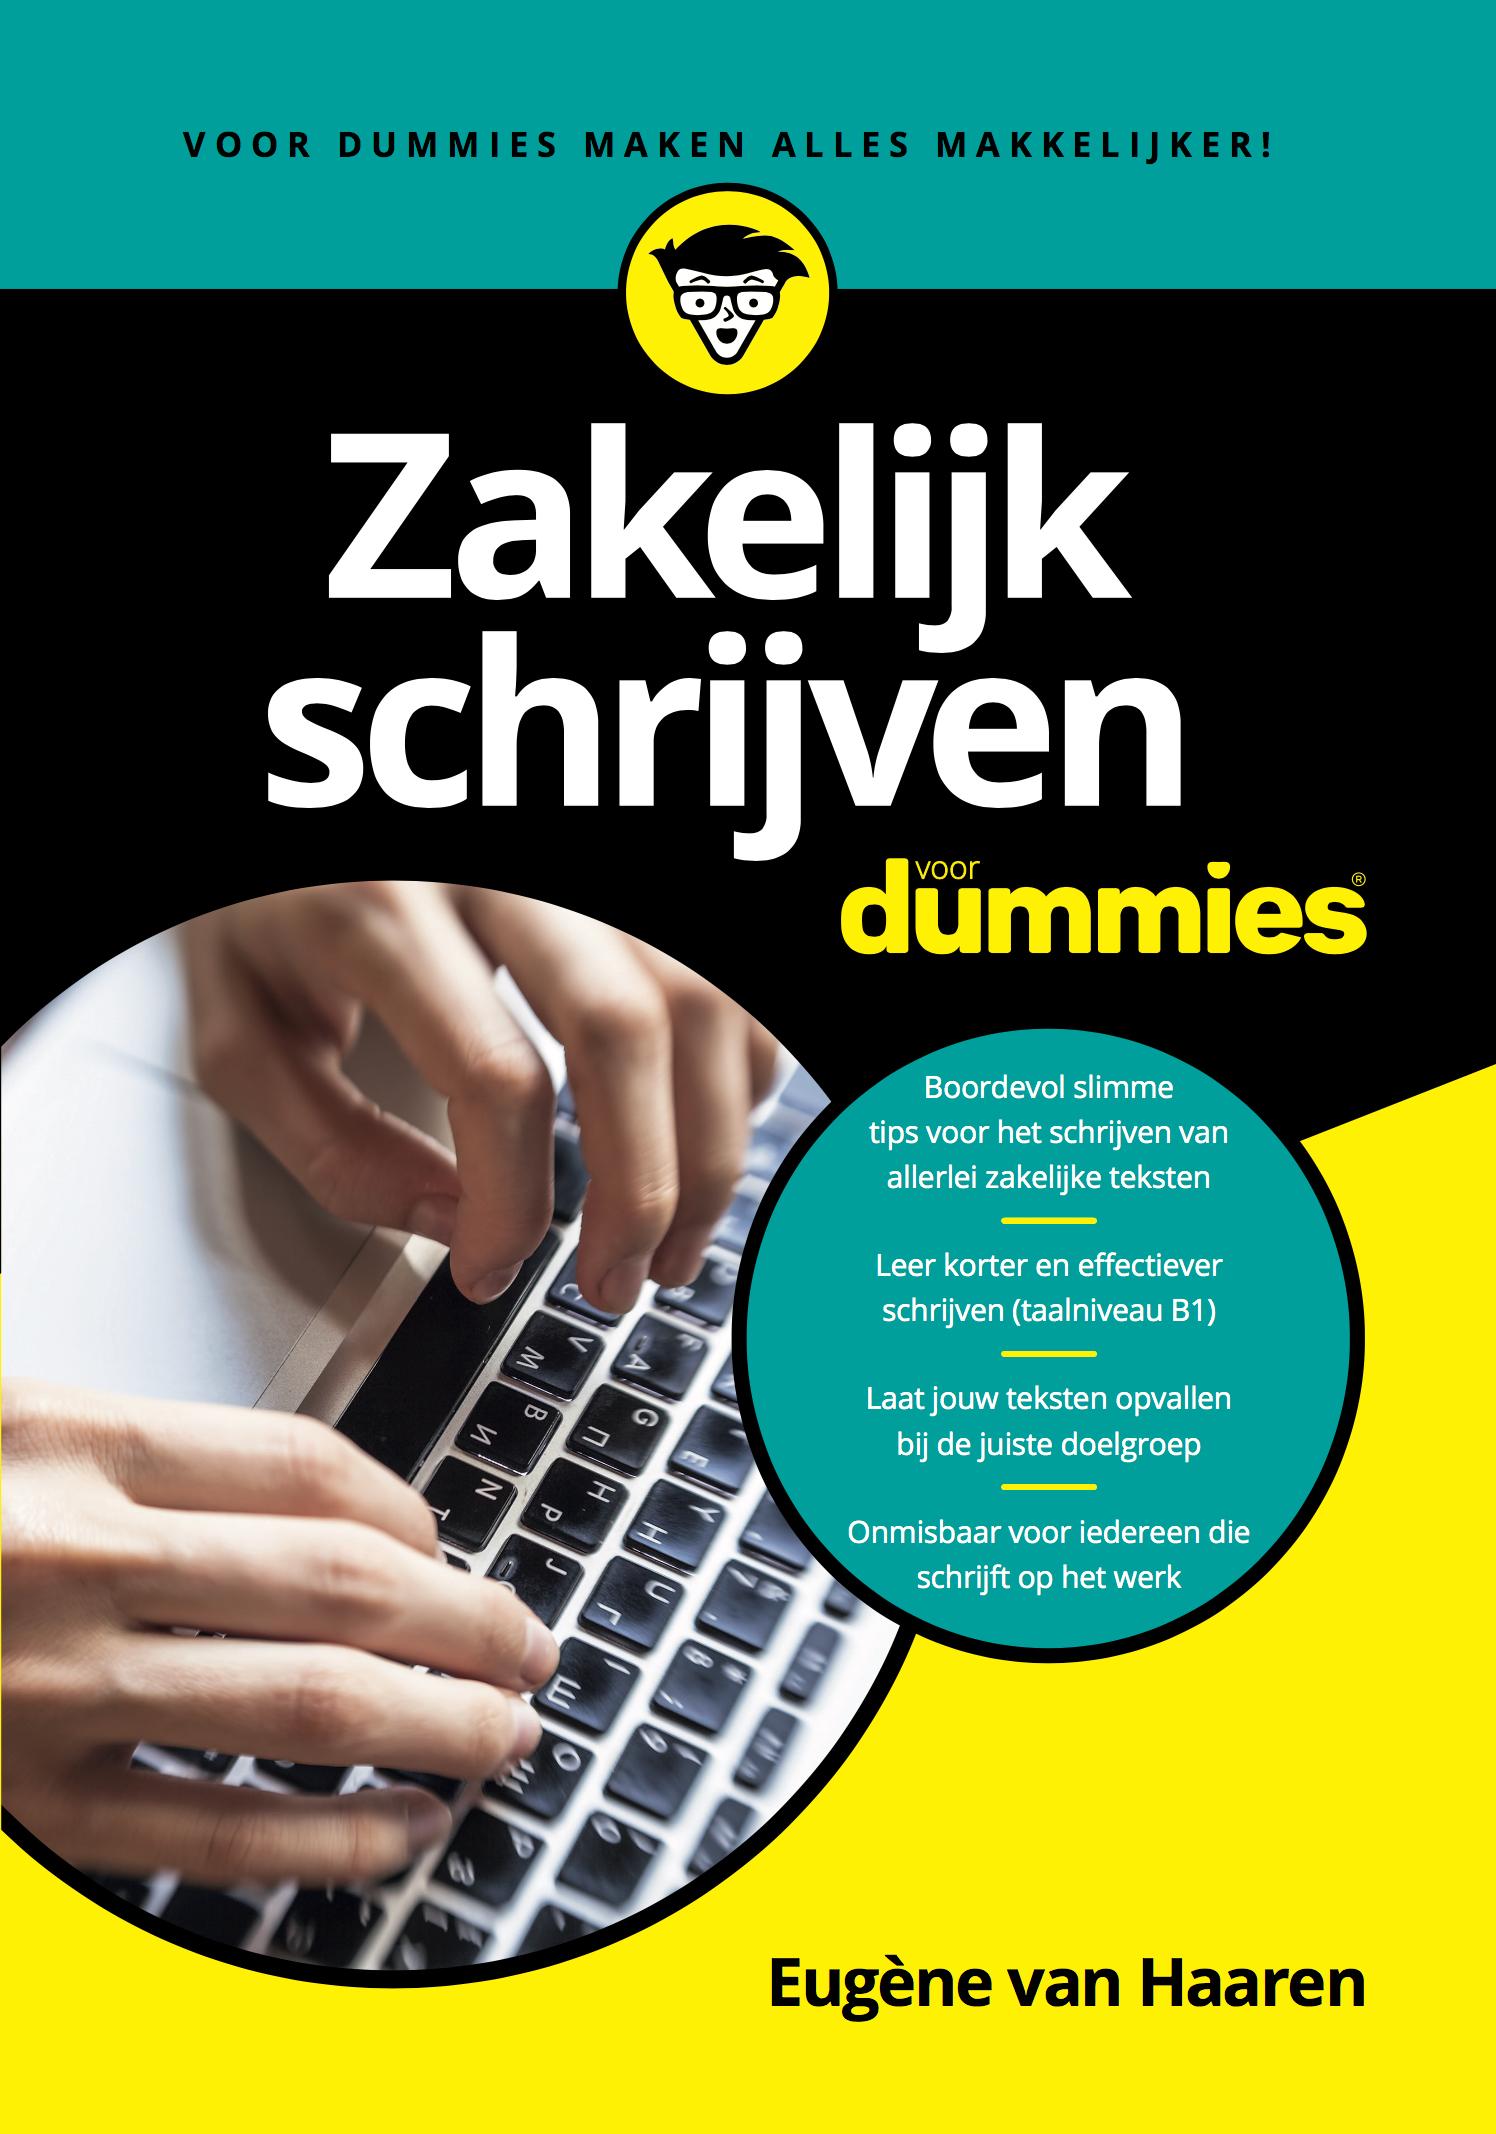 Zakelijk schrijven voor Dummies B1 schrijven Eugène van Haaren www.voornieuws.nl